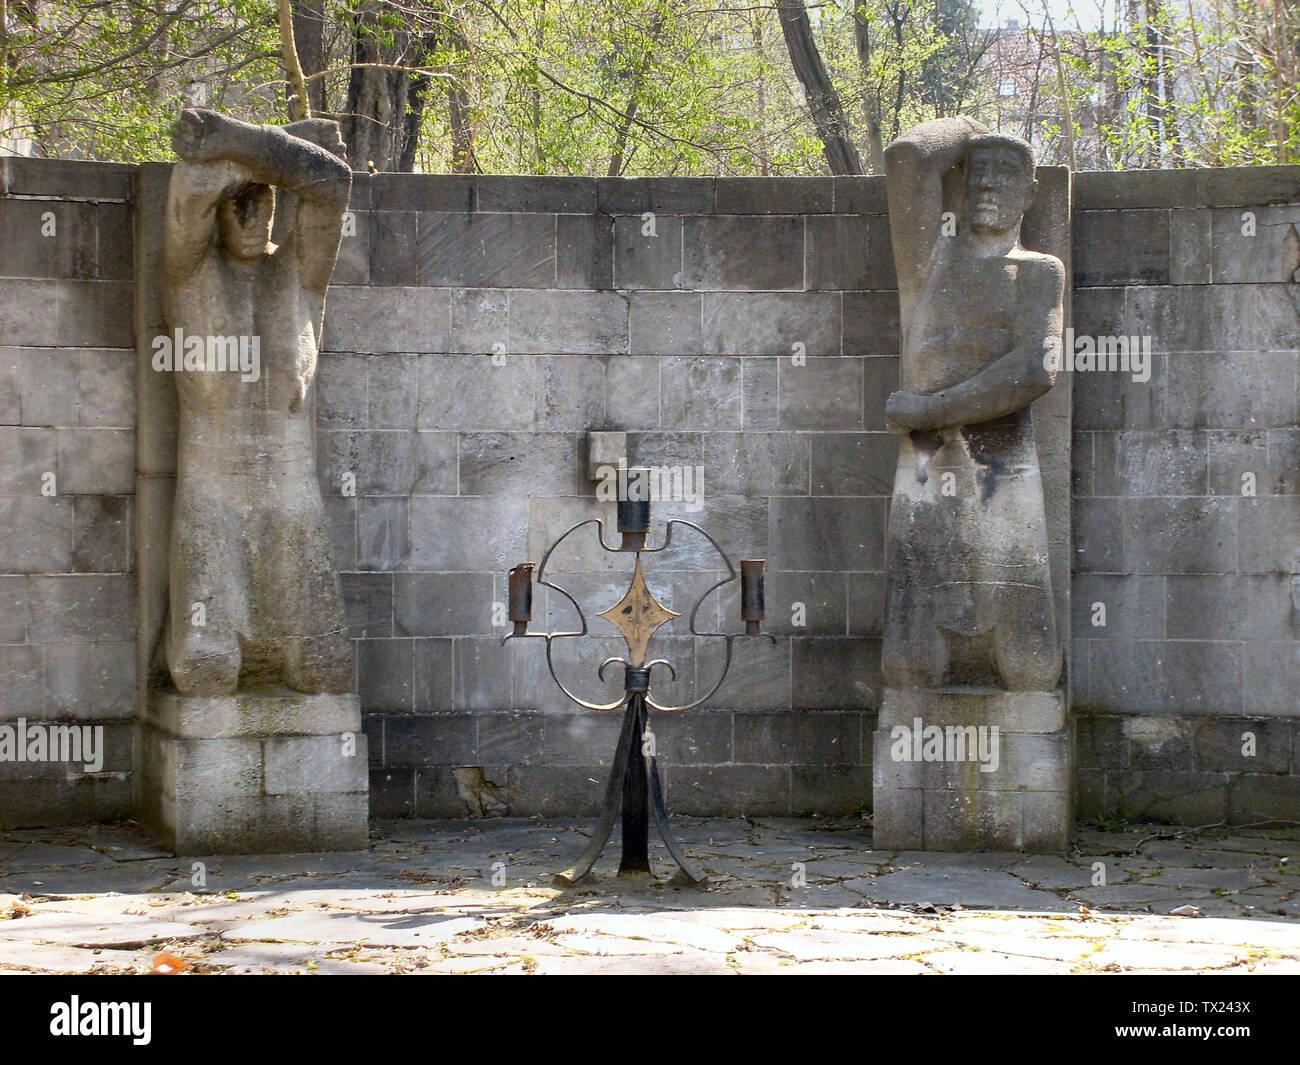 Denkmal für die Opfer des Faschismus; 10 April 2009; Own work (Original text:  selbst erstellt); Murray Bosinsky; Stock Photo